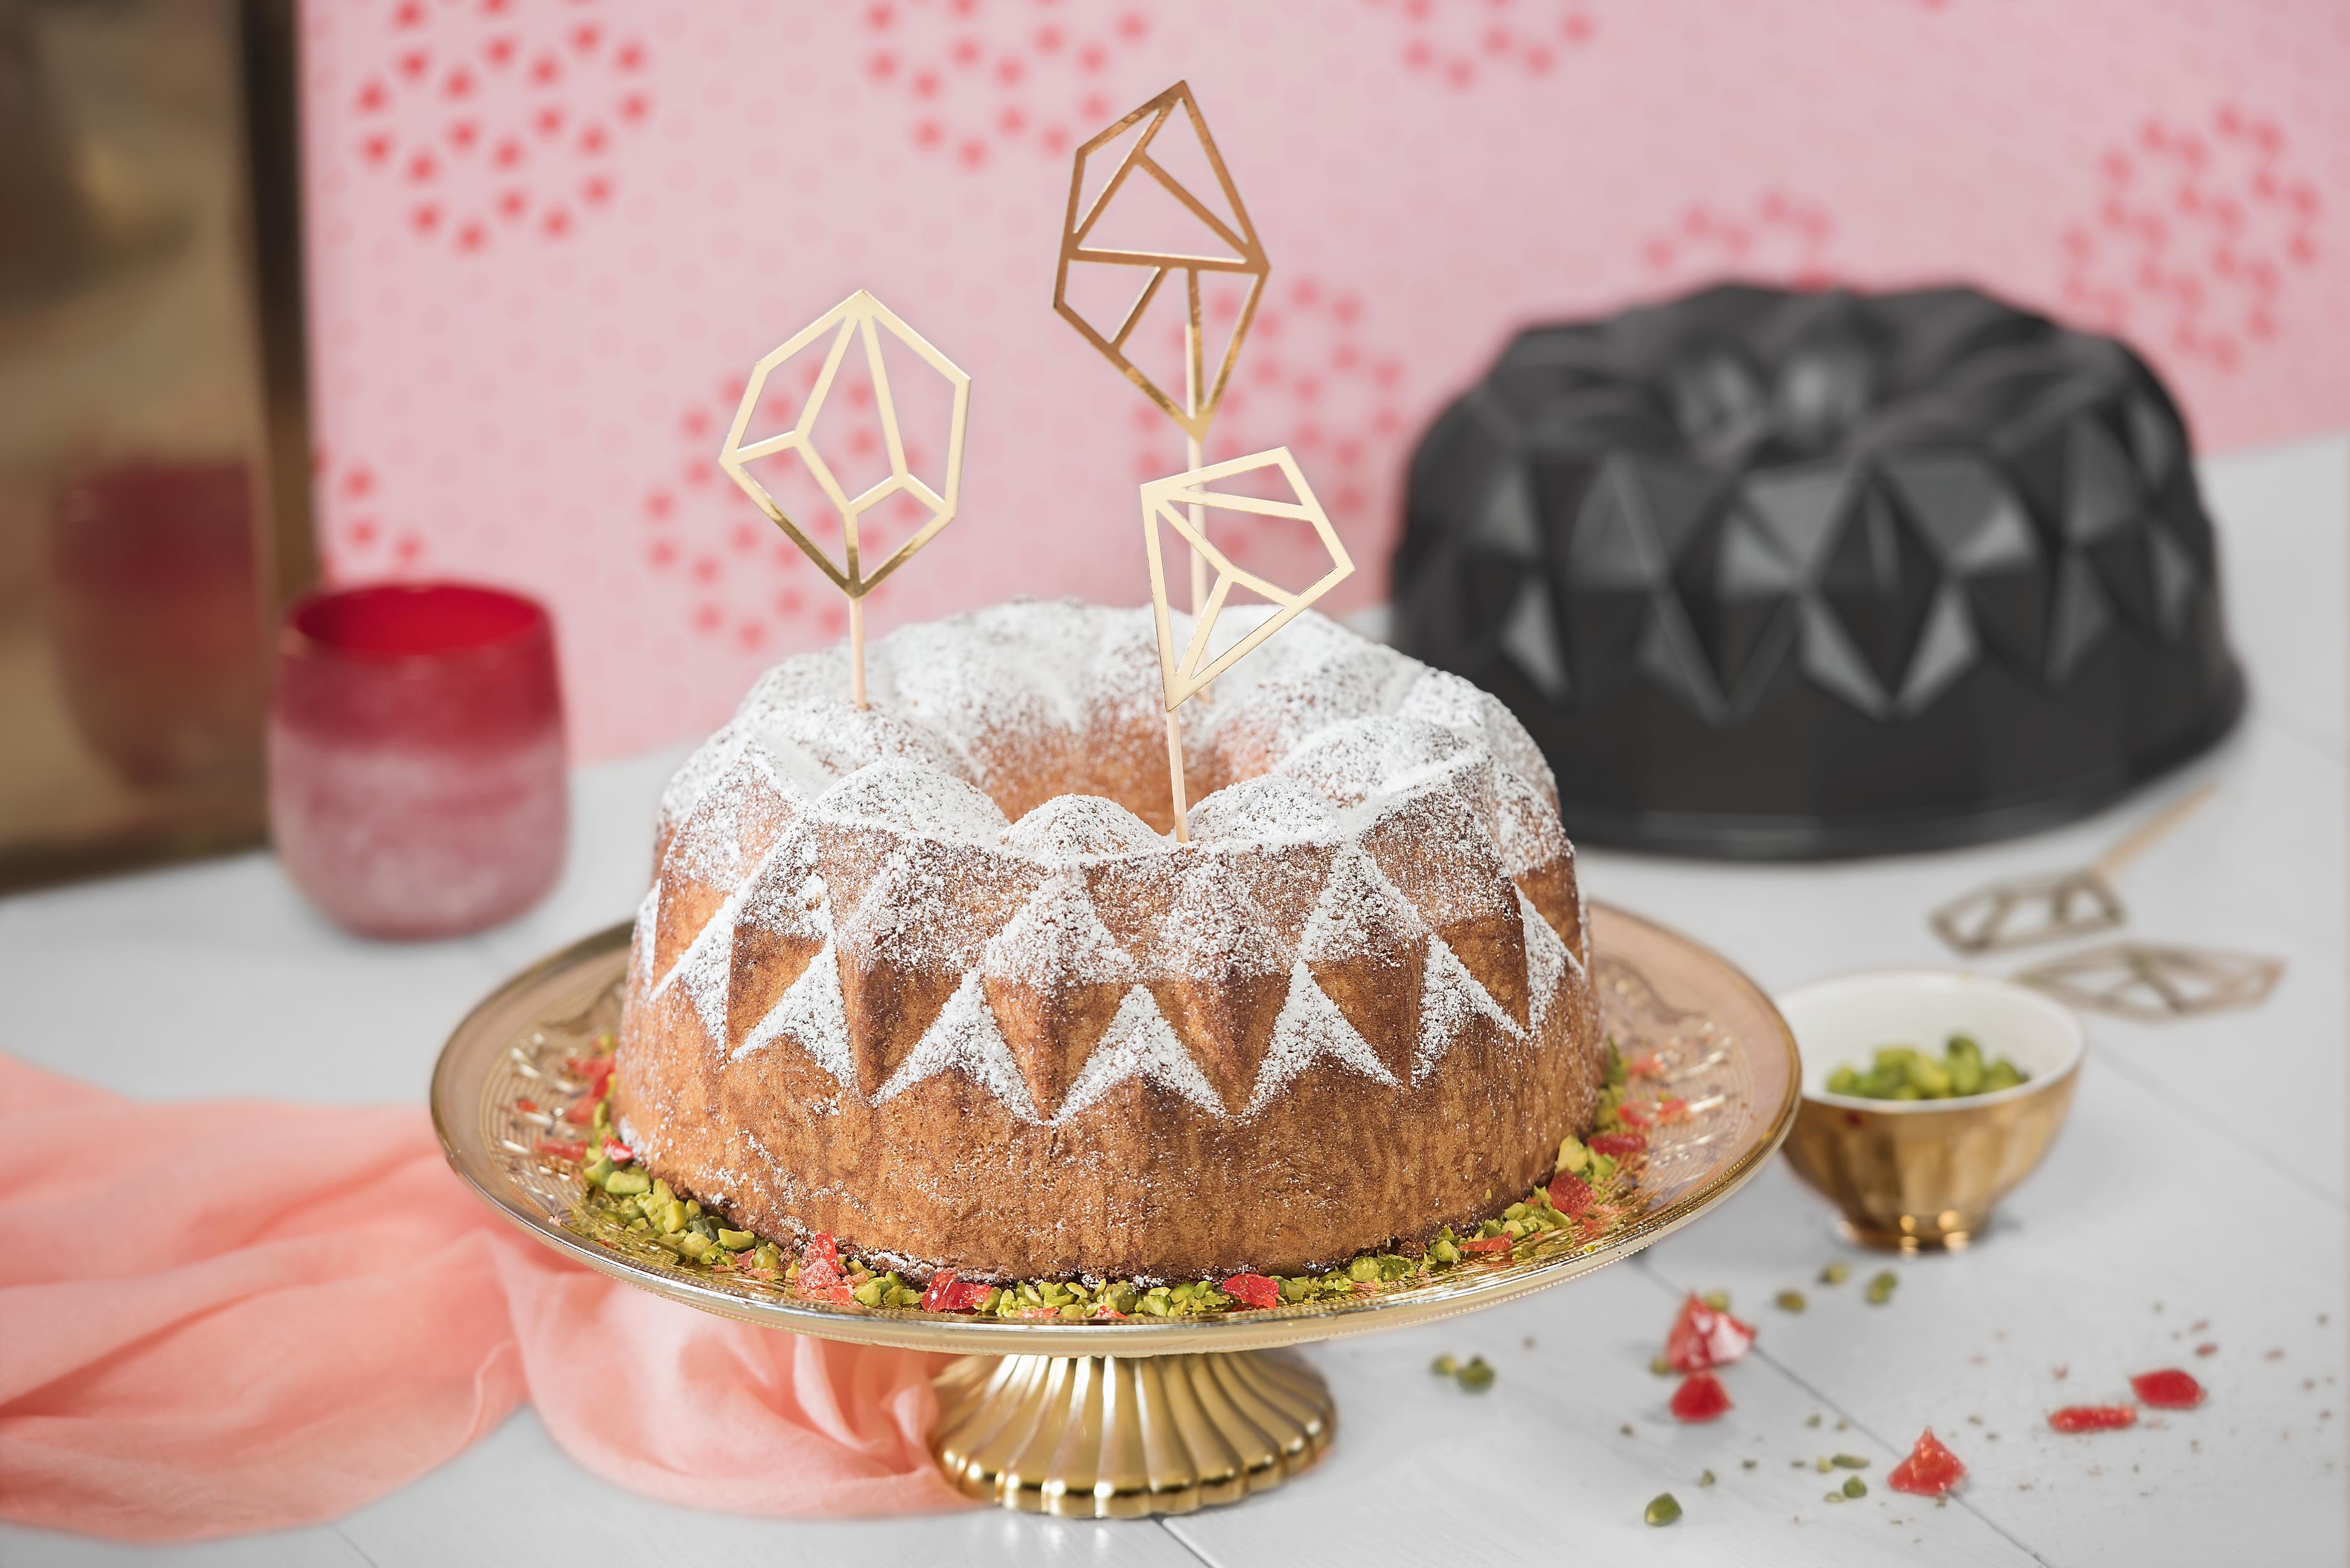 Kaiser Borulu Geometrik 25cm Kek Kalıbı: İlham dolu kekler ve pastalar